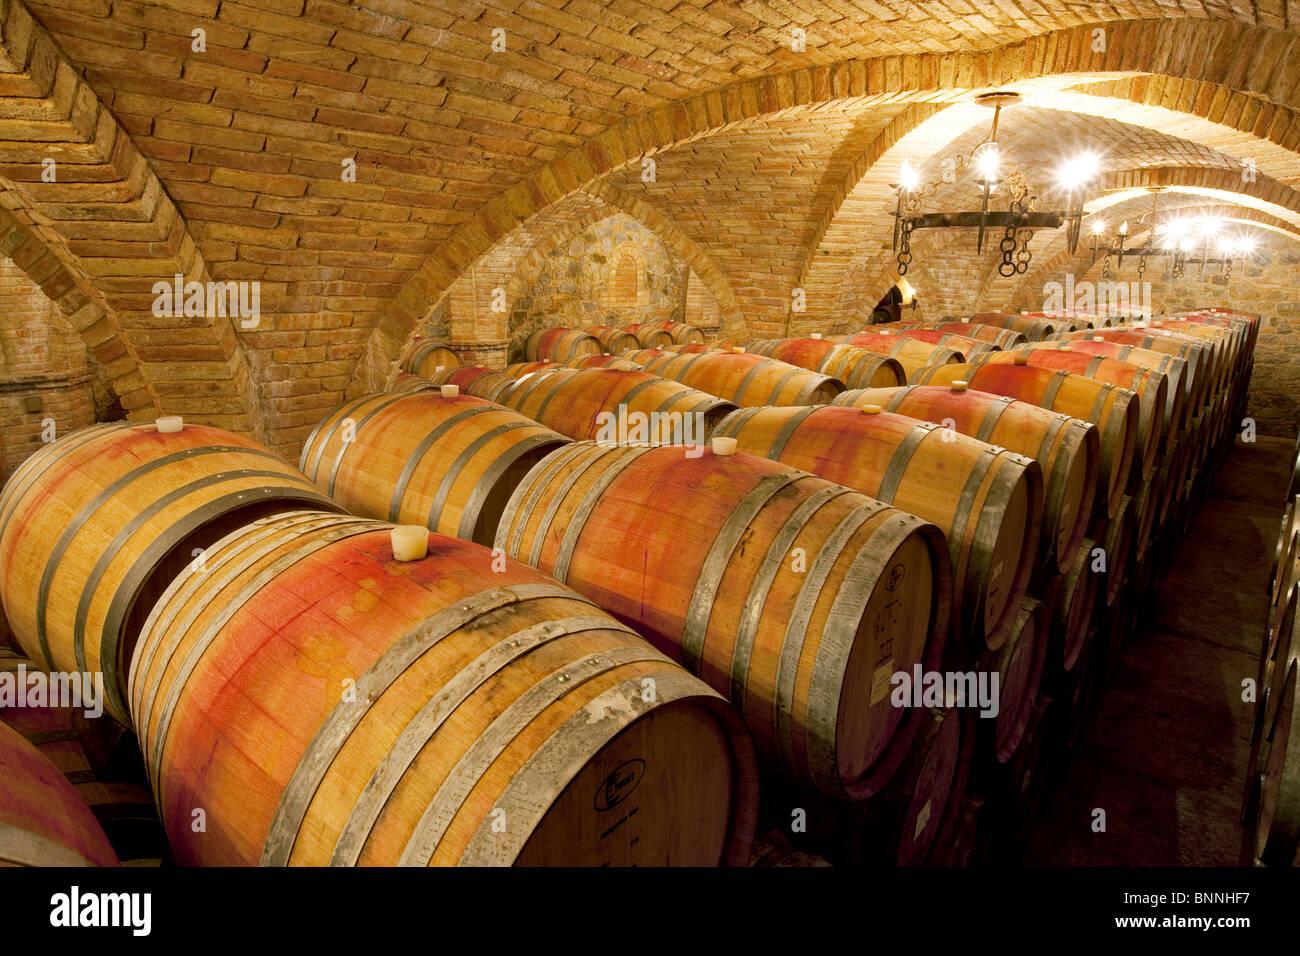 Invecchiamento del vino in botti in cantina. Castello di Amerorosa. Napa Valley, California. Proprietà relased Immagini Stock